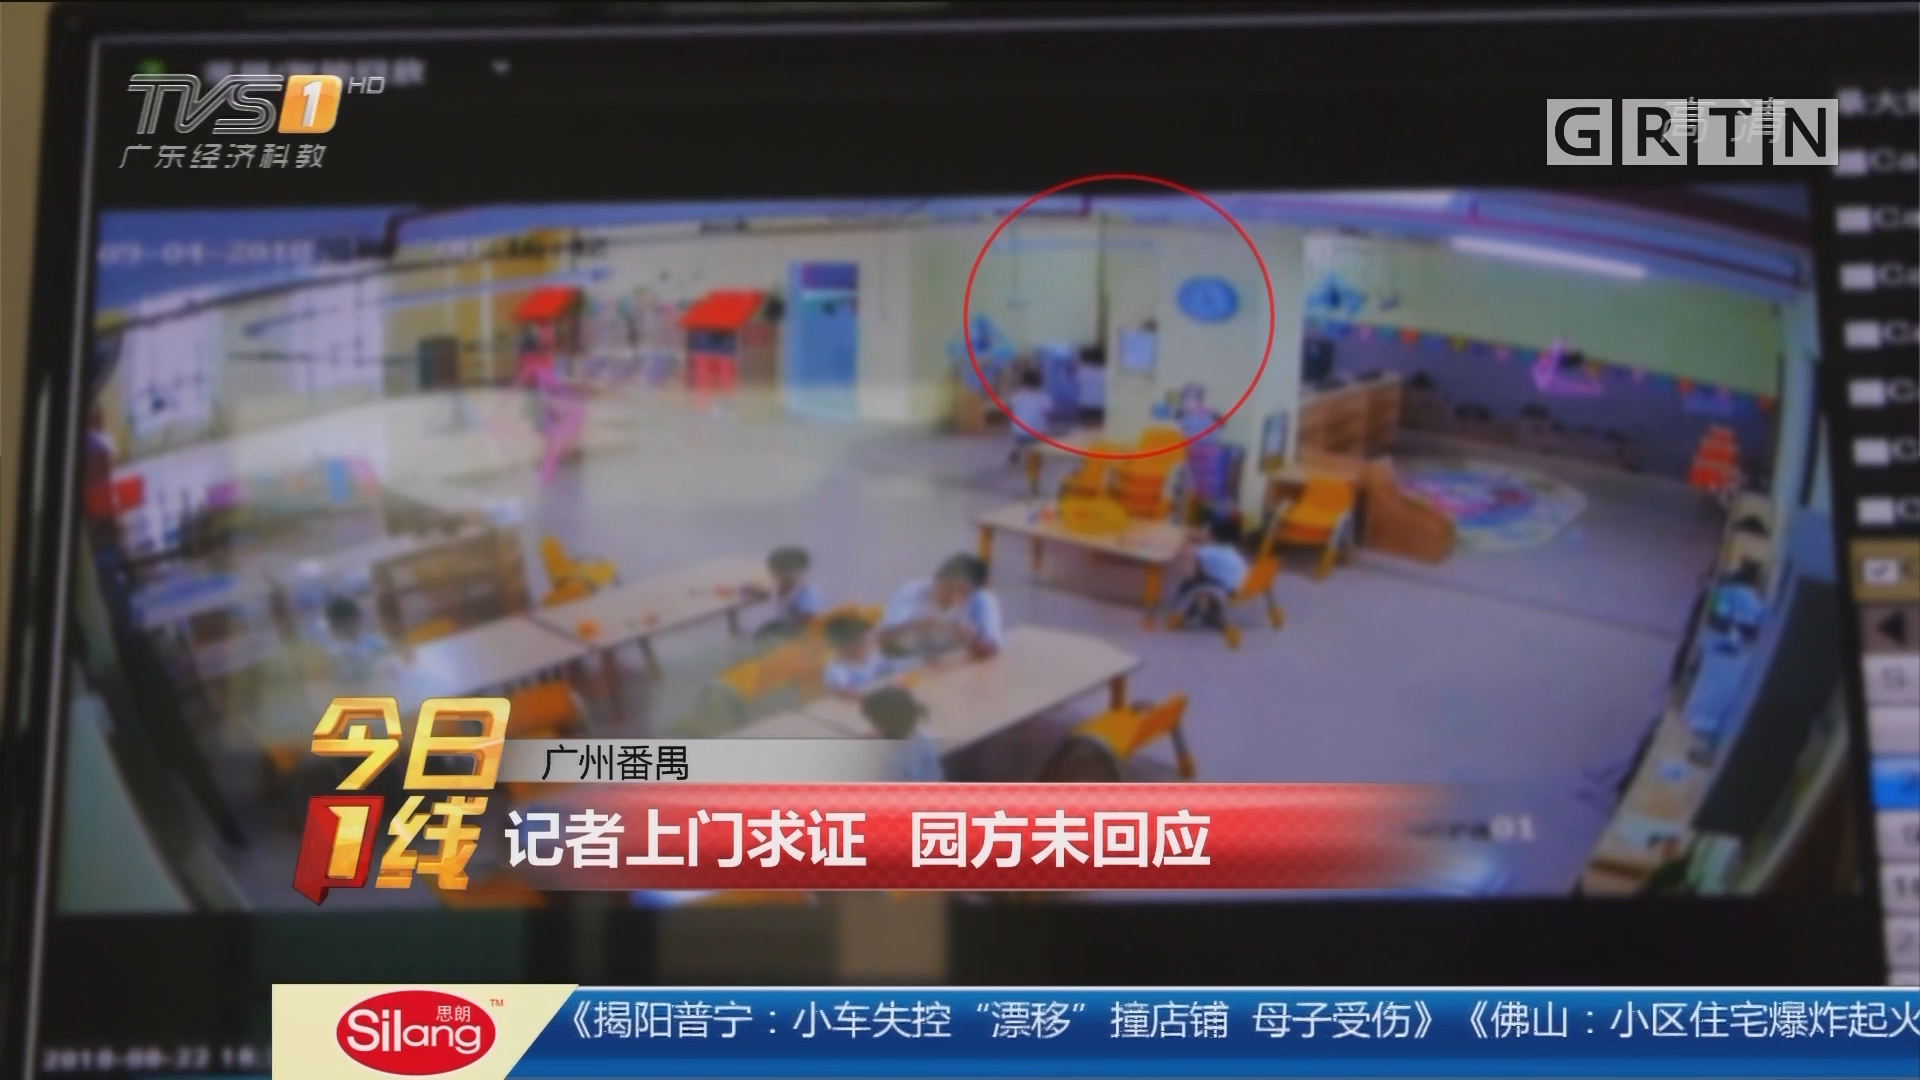 广州番禺:记者上门求证 园方未回应